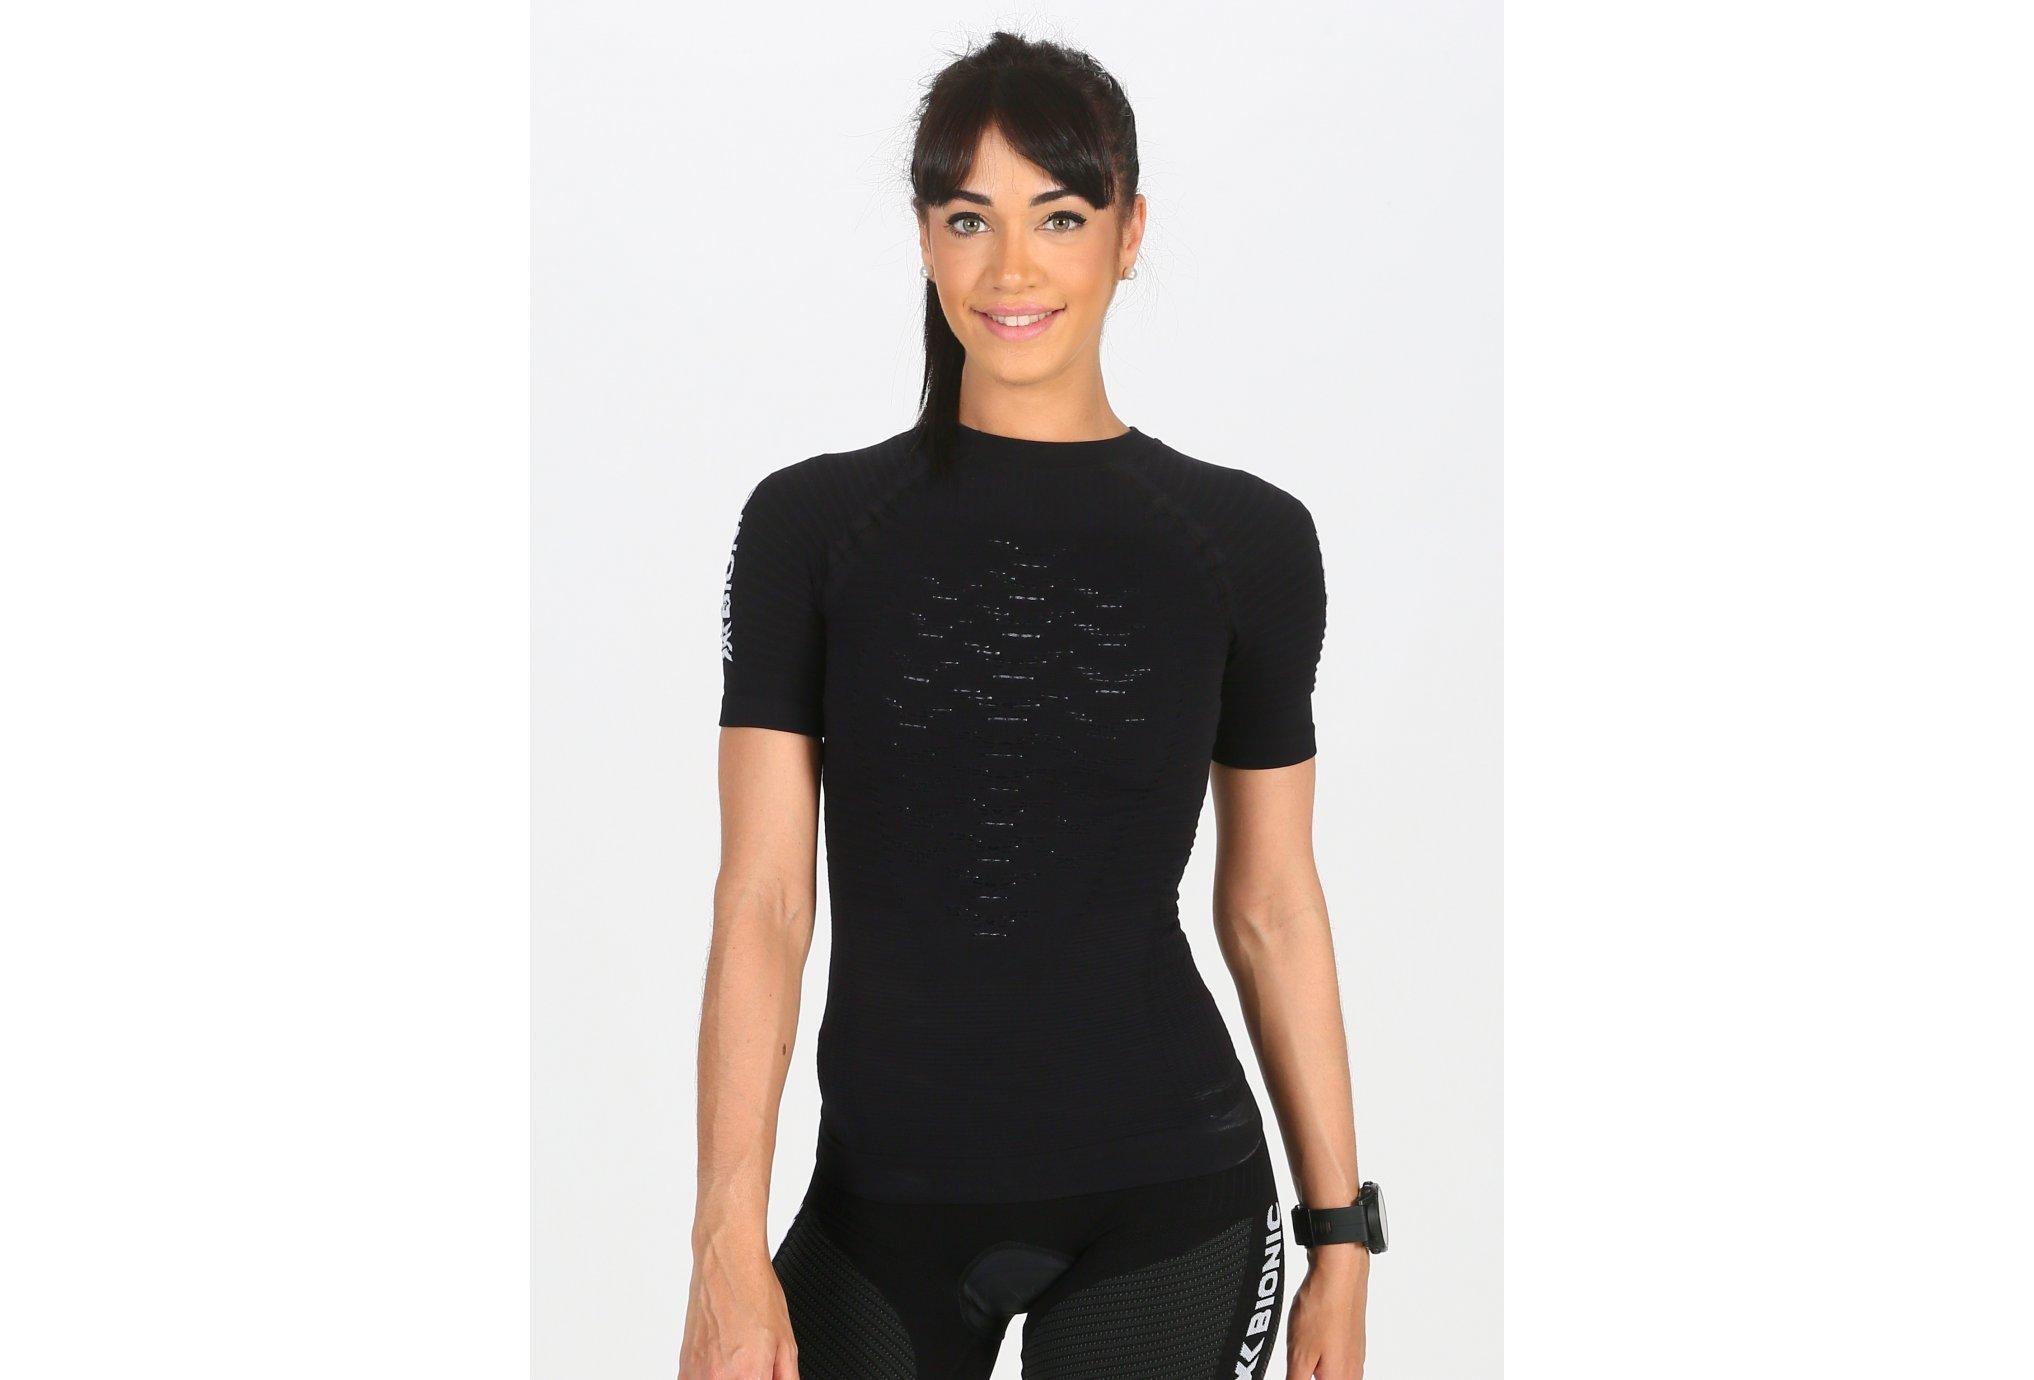 X-Bionic Effektor 4.0 W Diététique Vêtements femme